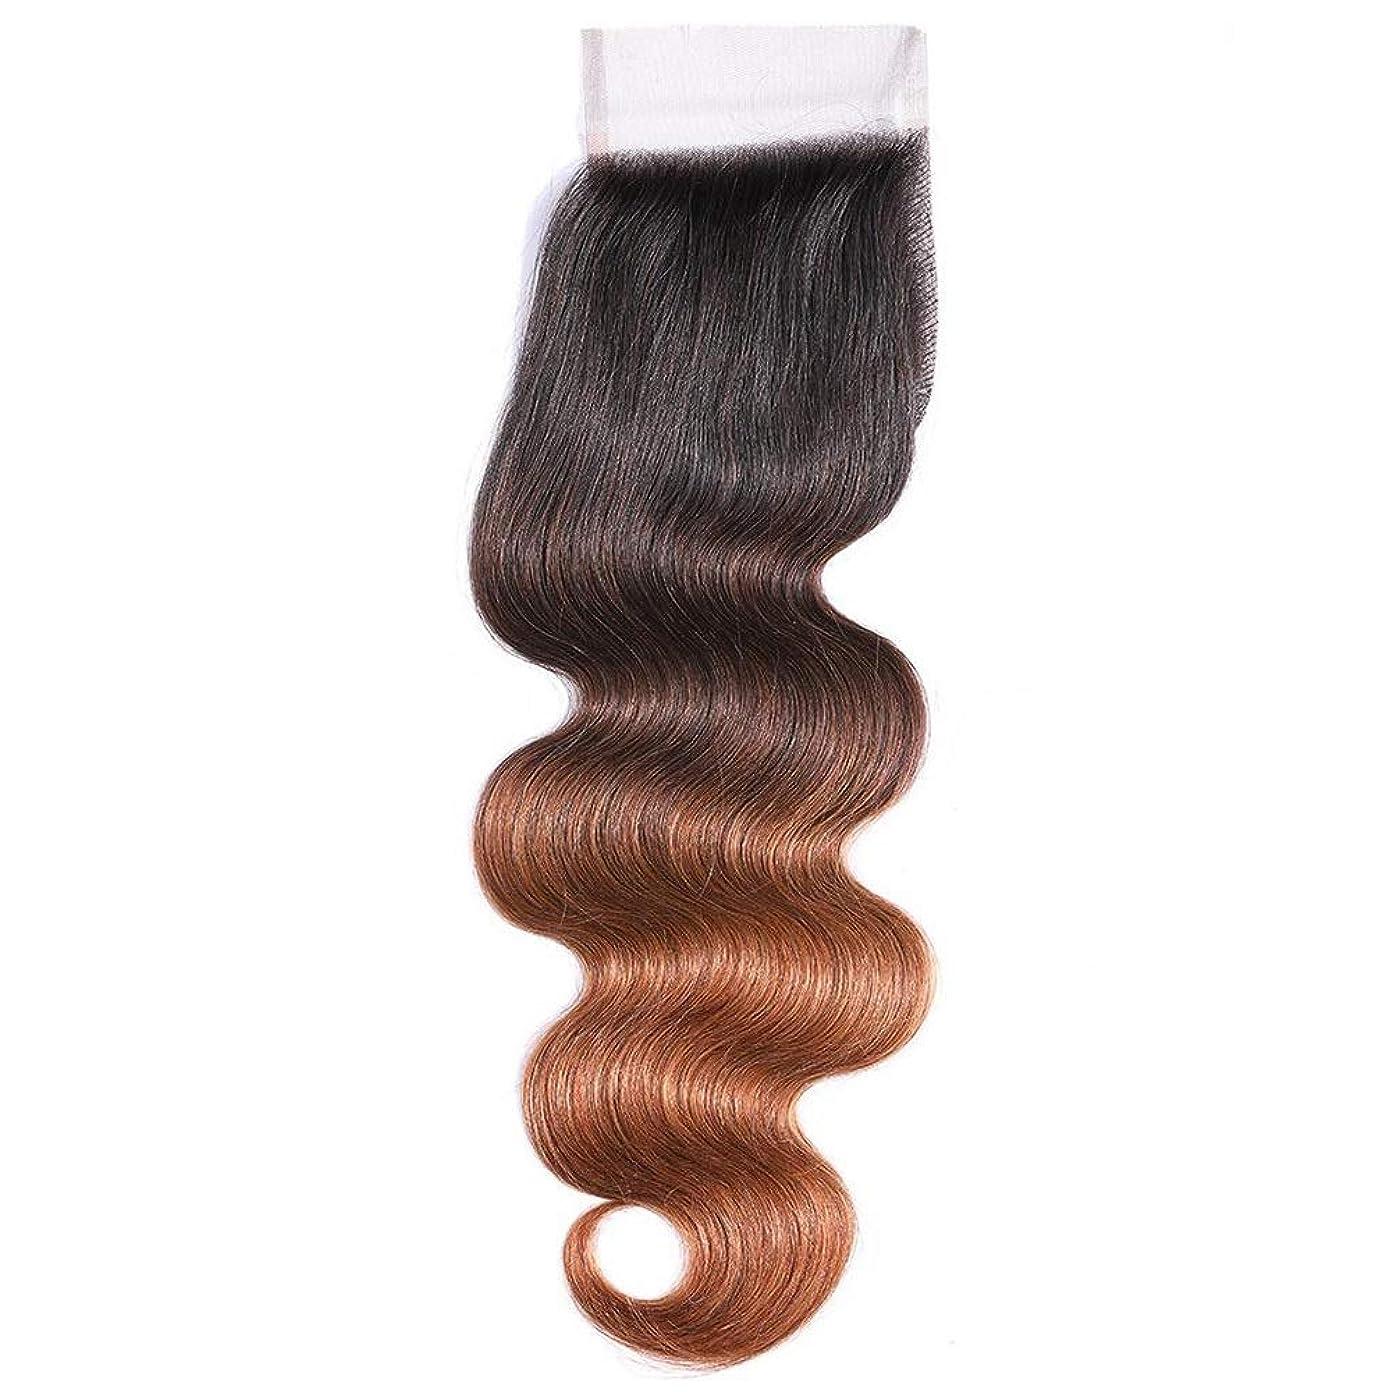 クレア目指すYESONEEP ブラジルのトップレース前頭閉鎖ボディウェーブ人間の髪の毛の閉鎖4 * 4インチ - ブラウン3トーン色長い巻き毛のかつらブラウンかつらへの1B / 4/30ブラック (色 : ブラウン, サイズ : 14 inch)